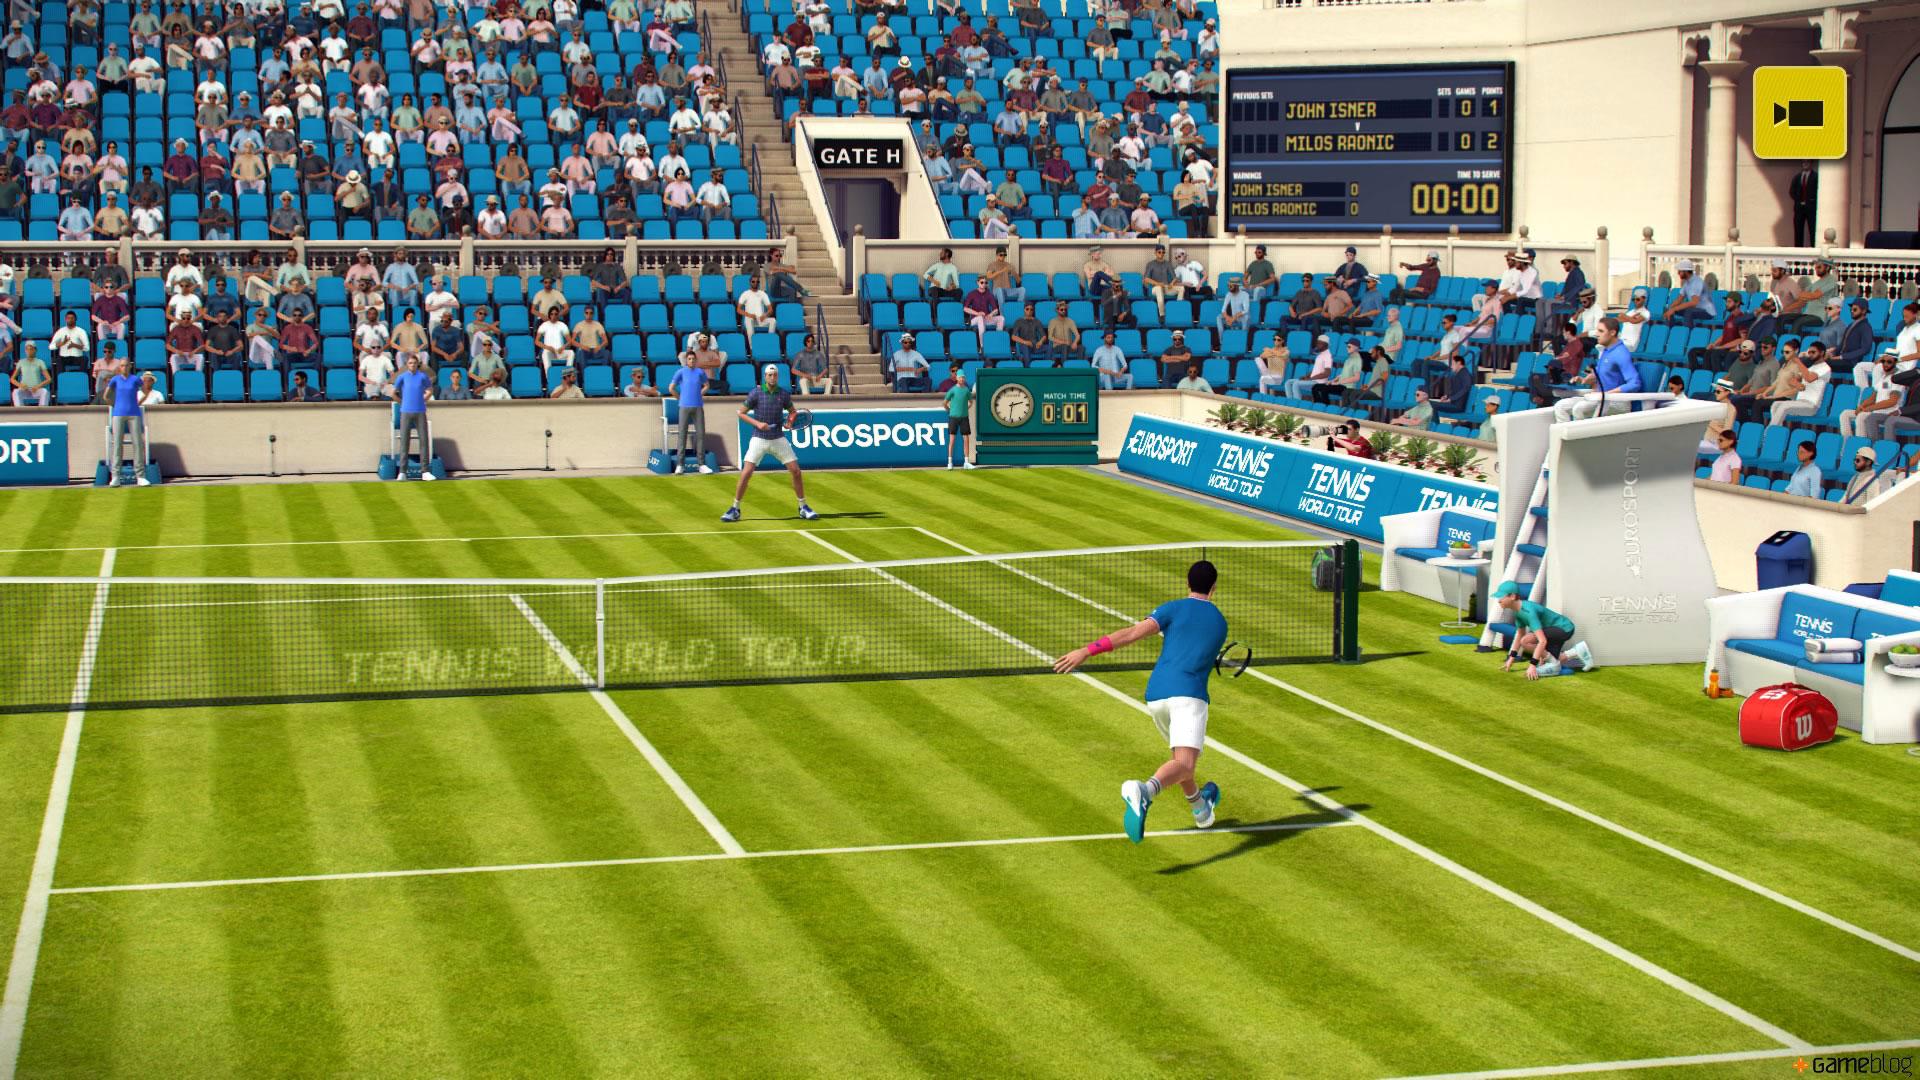 TennisWorldTour PS4 Test 004